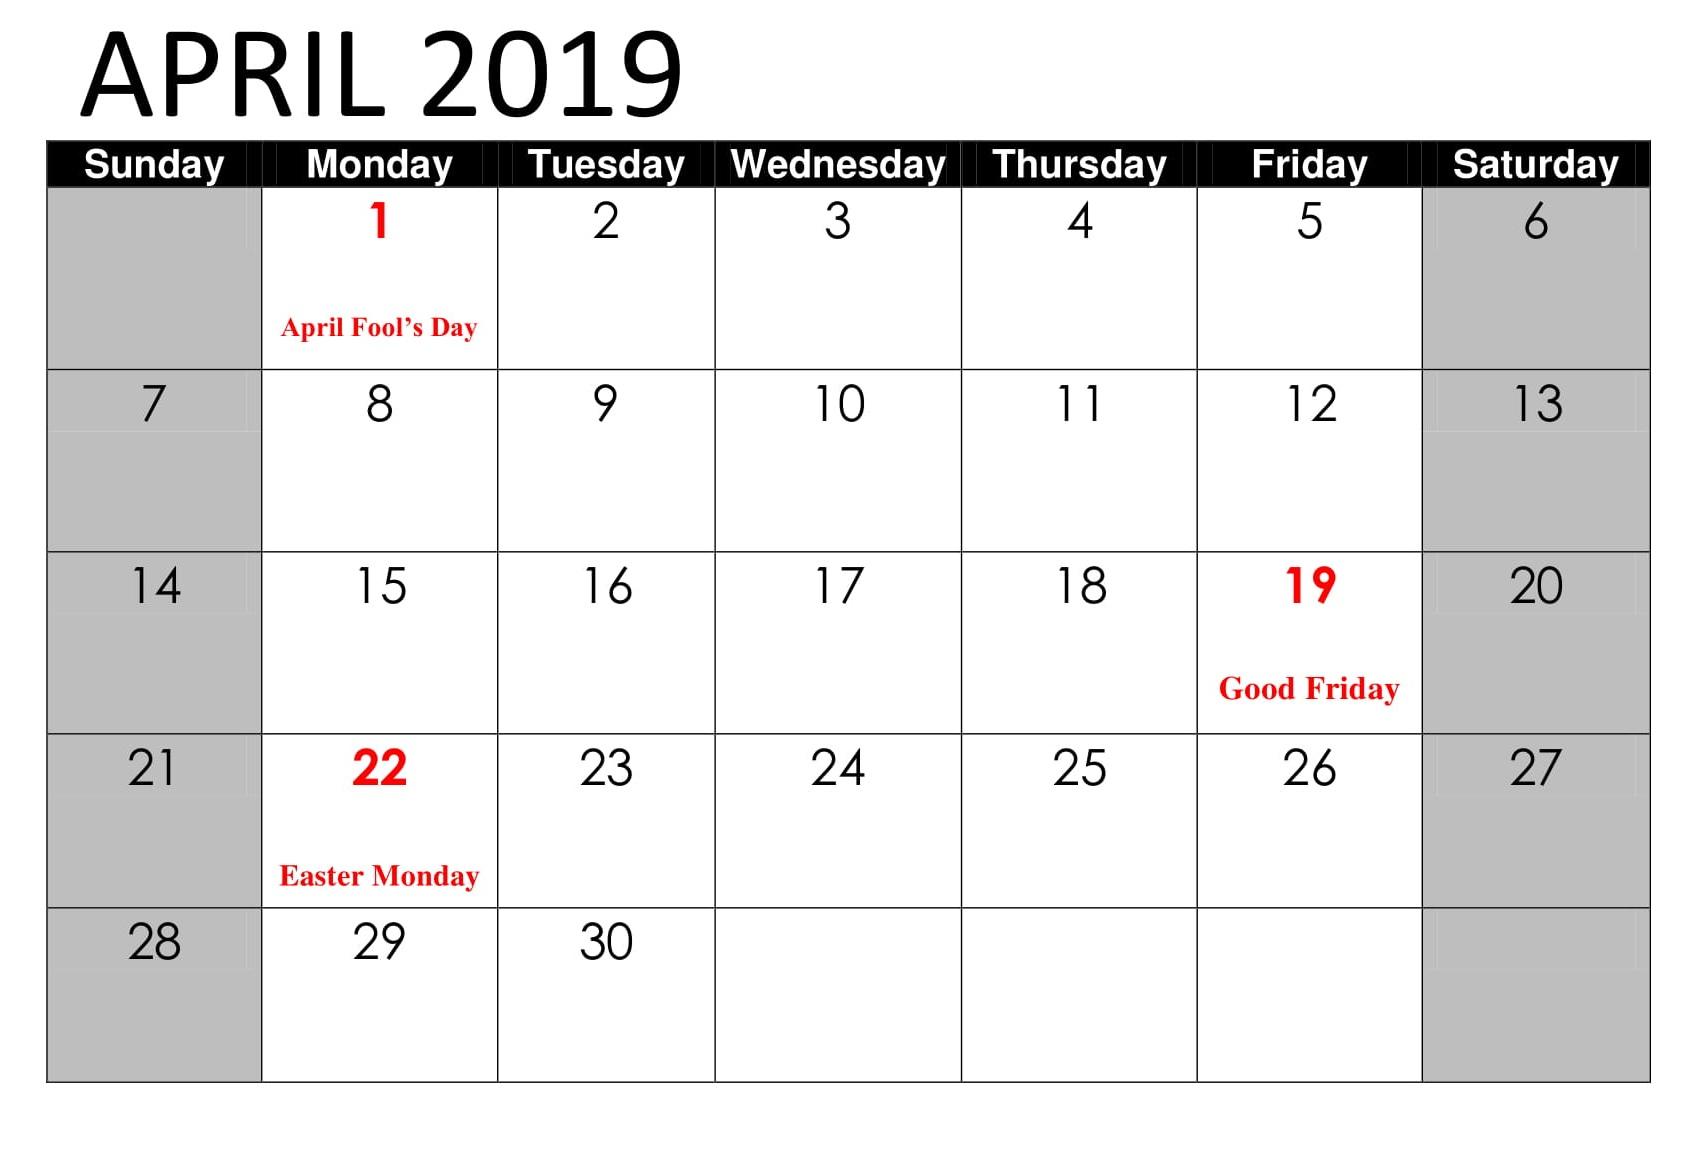 April 2019 Calendar With Holidays India